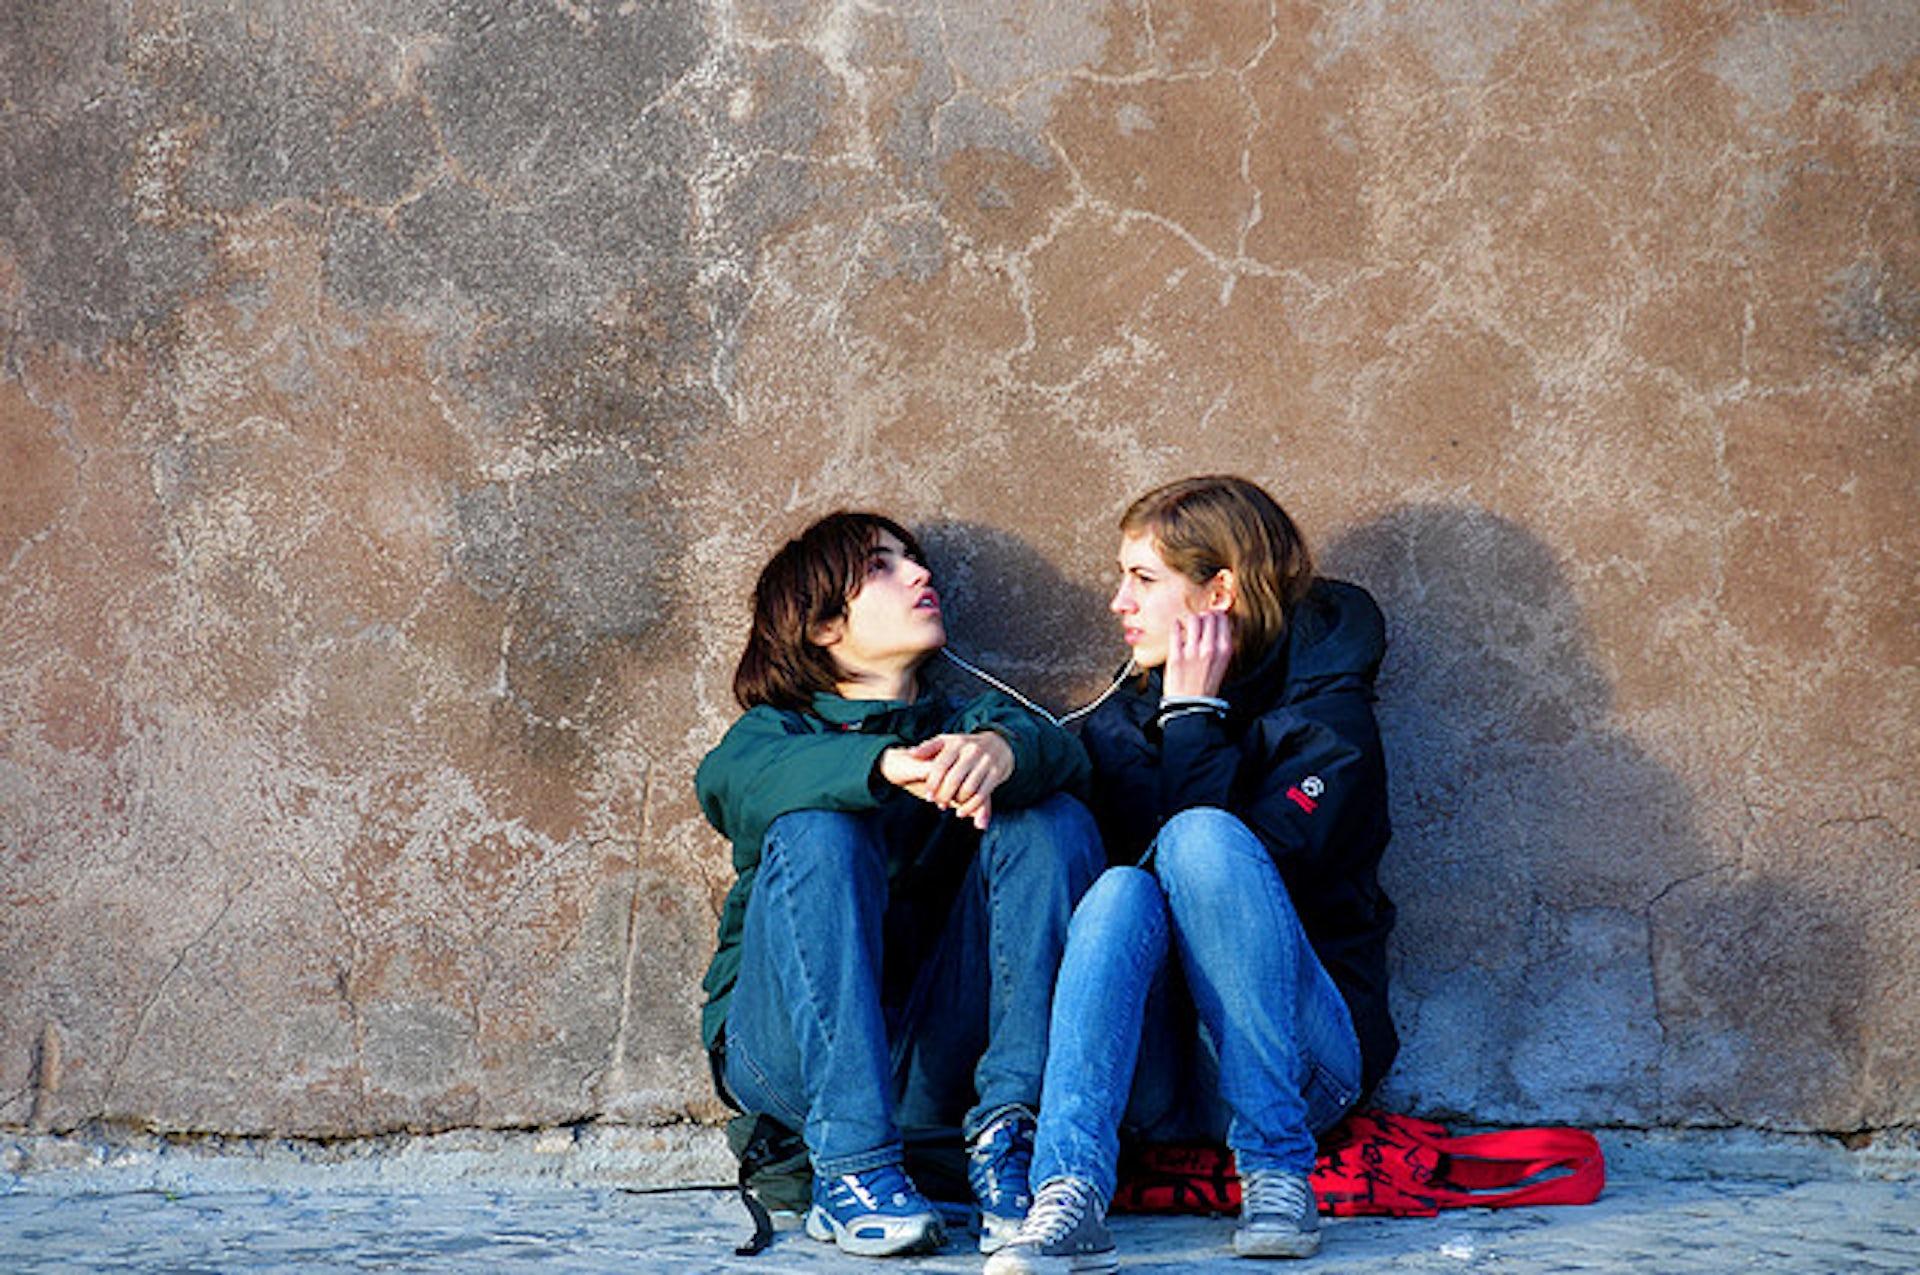 Loveplanet dating